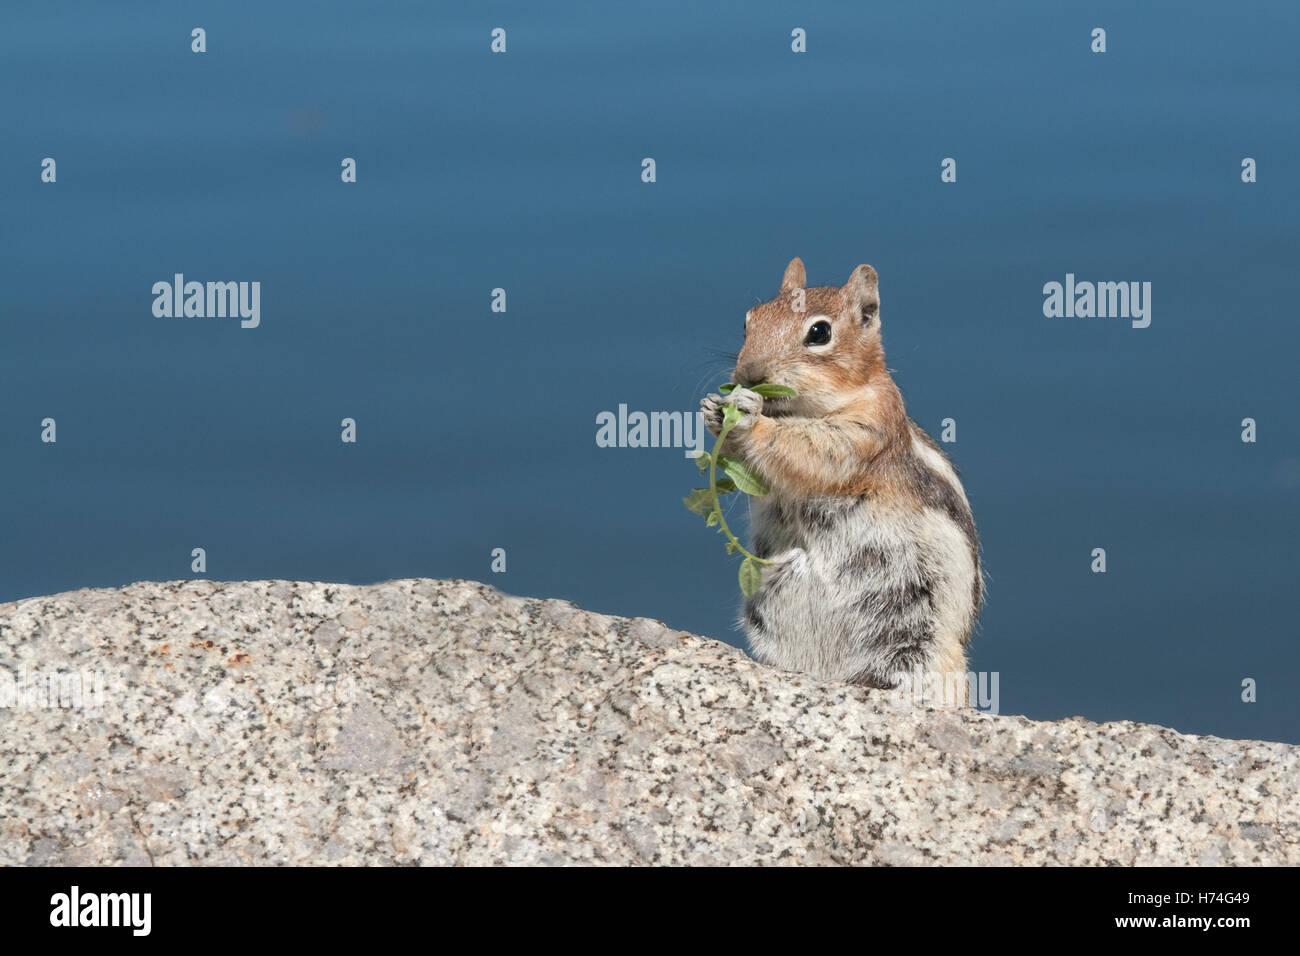 Mutter Streifenhörnchen auf einem Felsen Essen grüne Blattwerk mit blauem Hintergrund. Stockbild